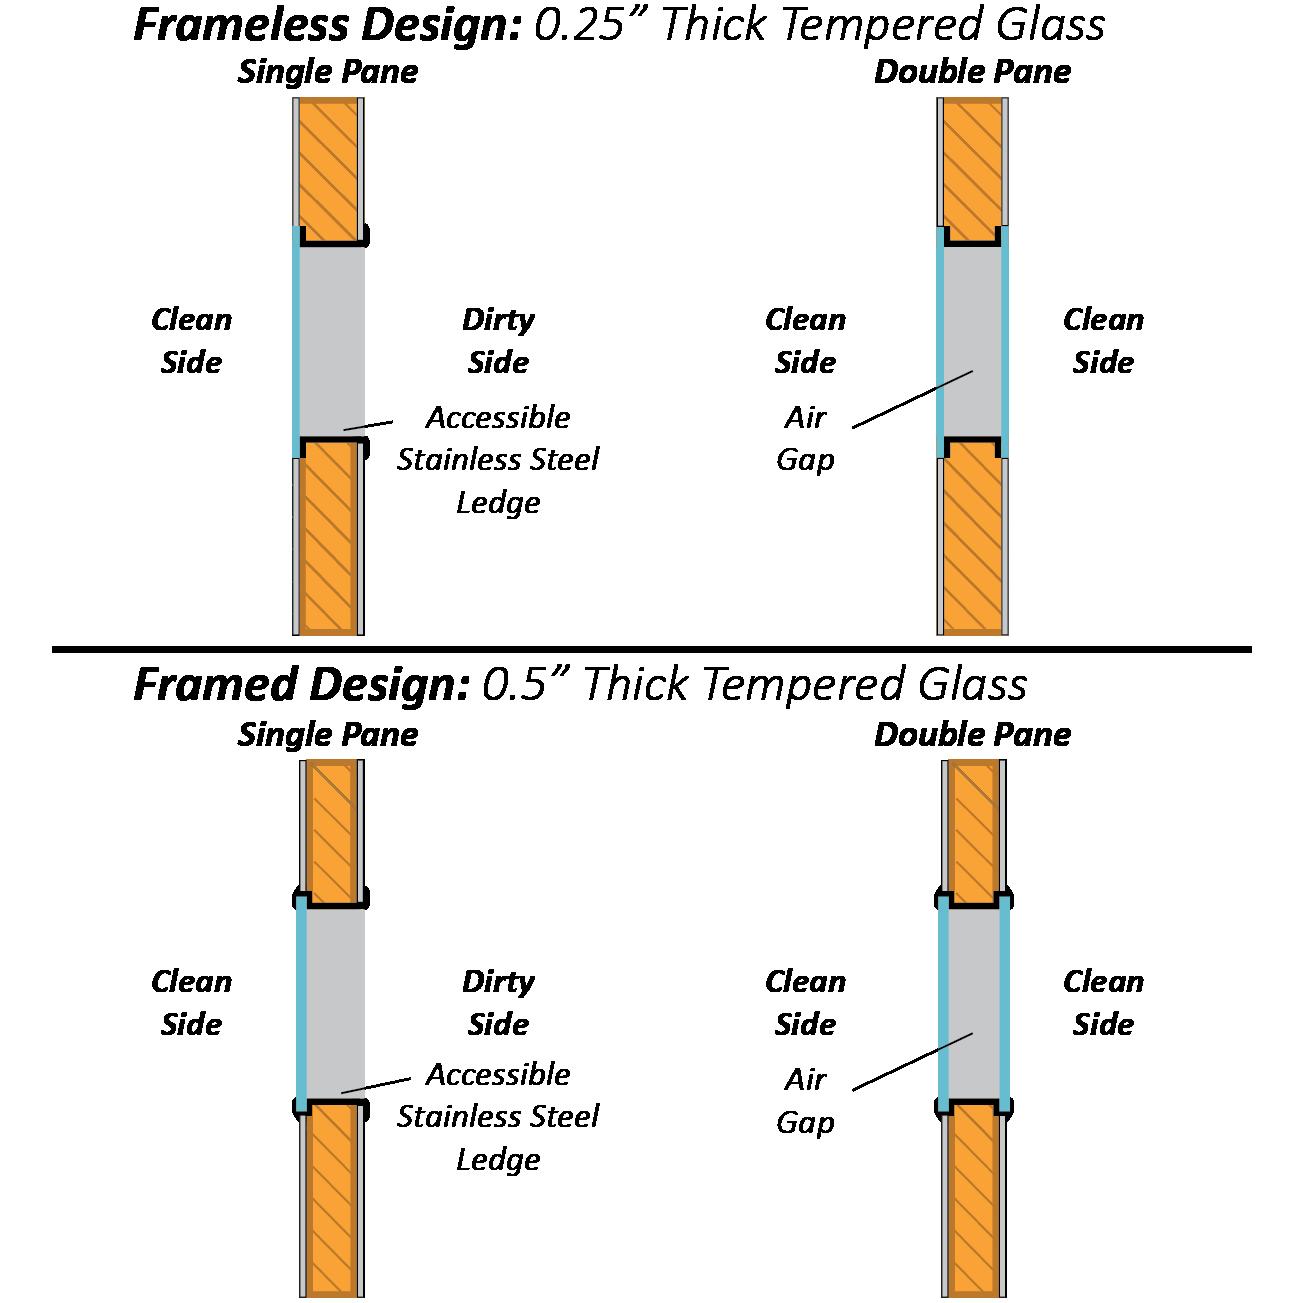 BioSafe Windows Framed Design